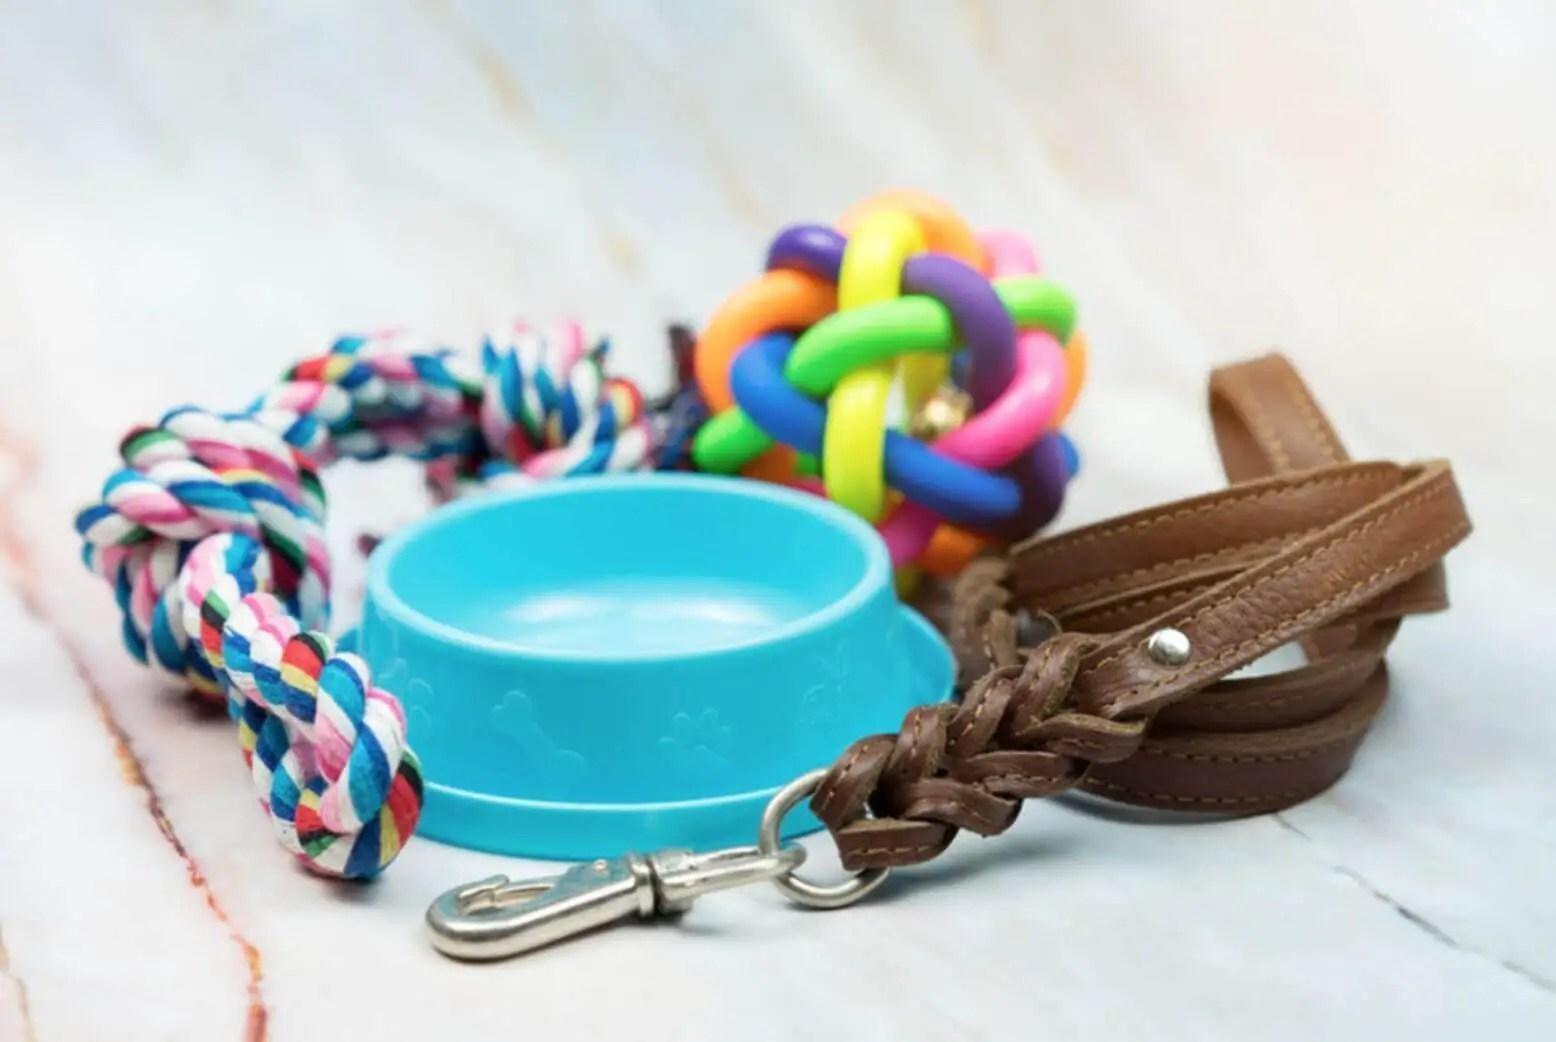 toys and leash oggetti addestramento cucciolo